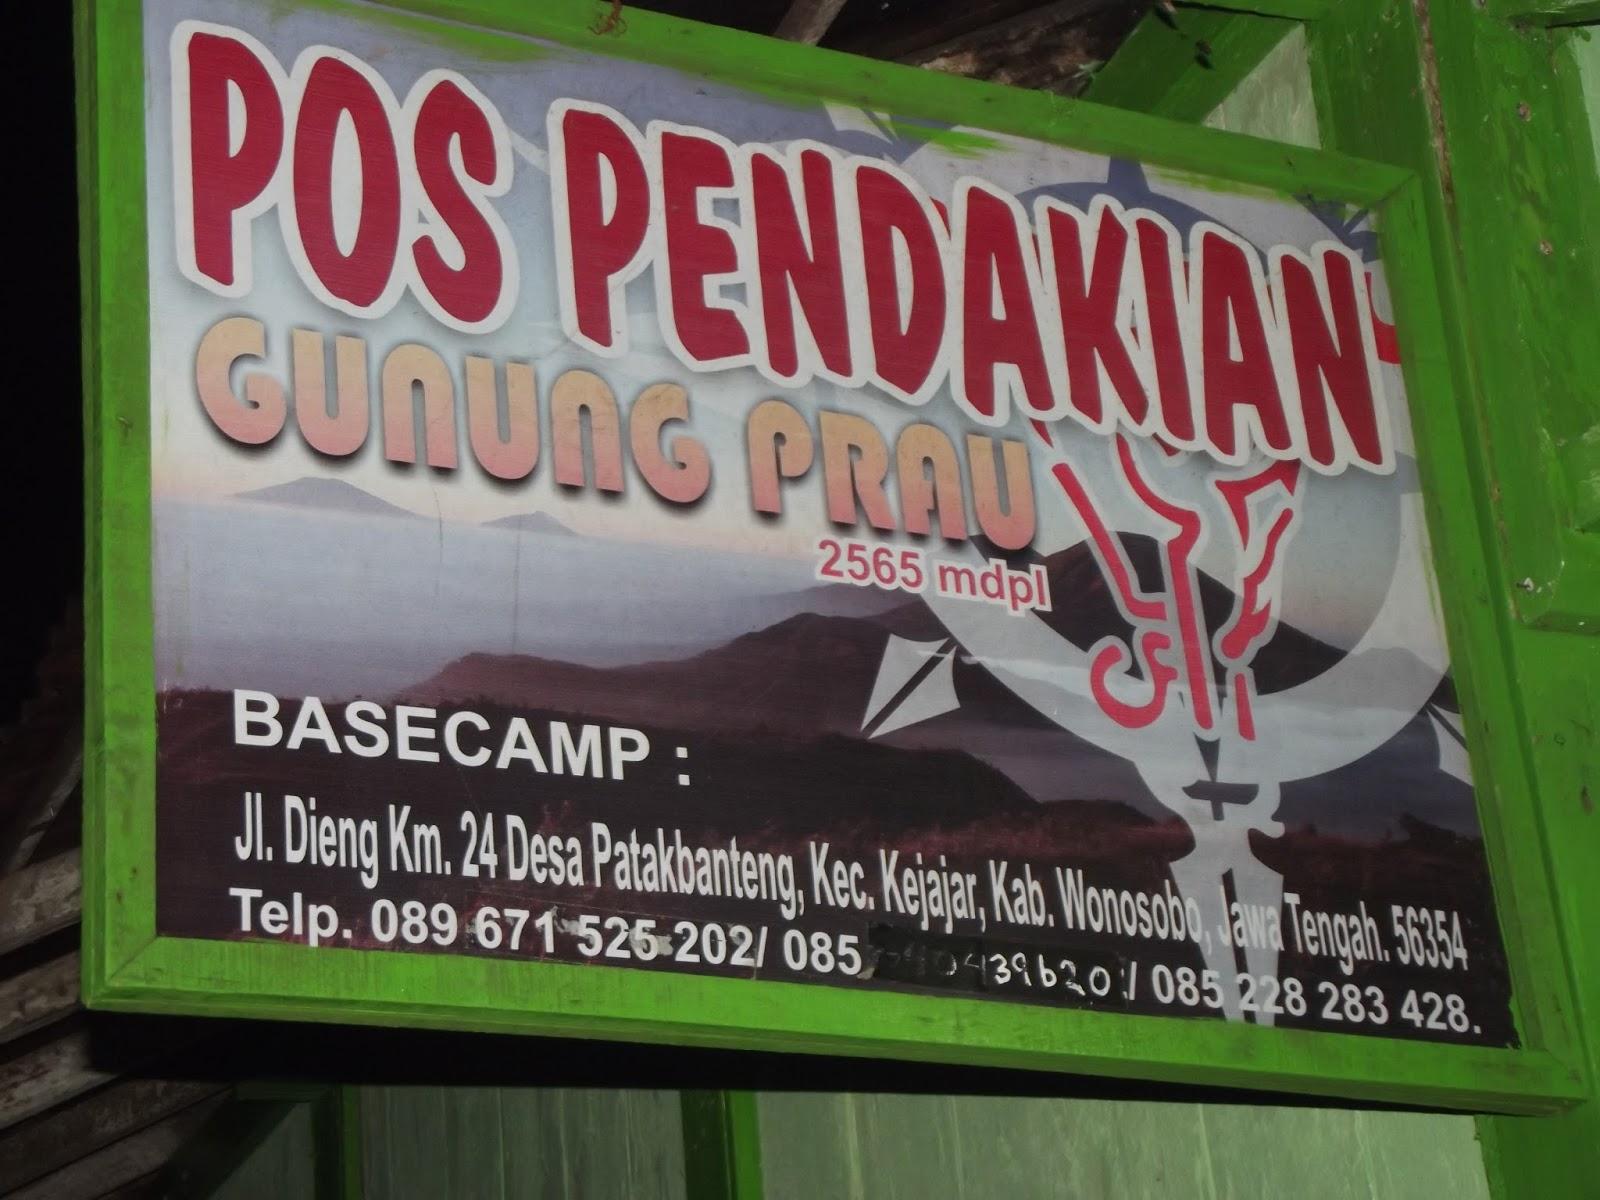 Gunung Prahu terkadang ja Gunung Prau 2 565MDPL terletak di kawasan daratan tinggi Dieng Wonosobo Jawa Tengah Gunung Prahu merupakan tapal batas